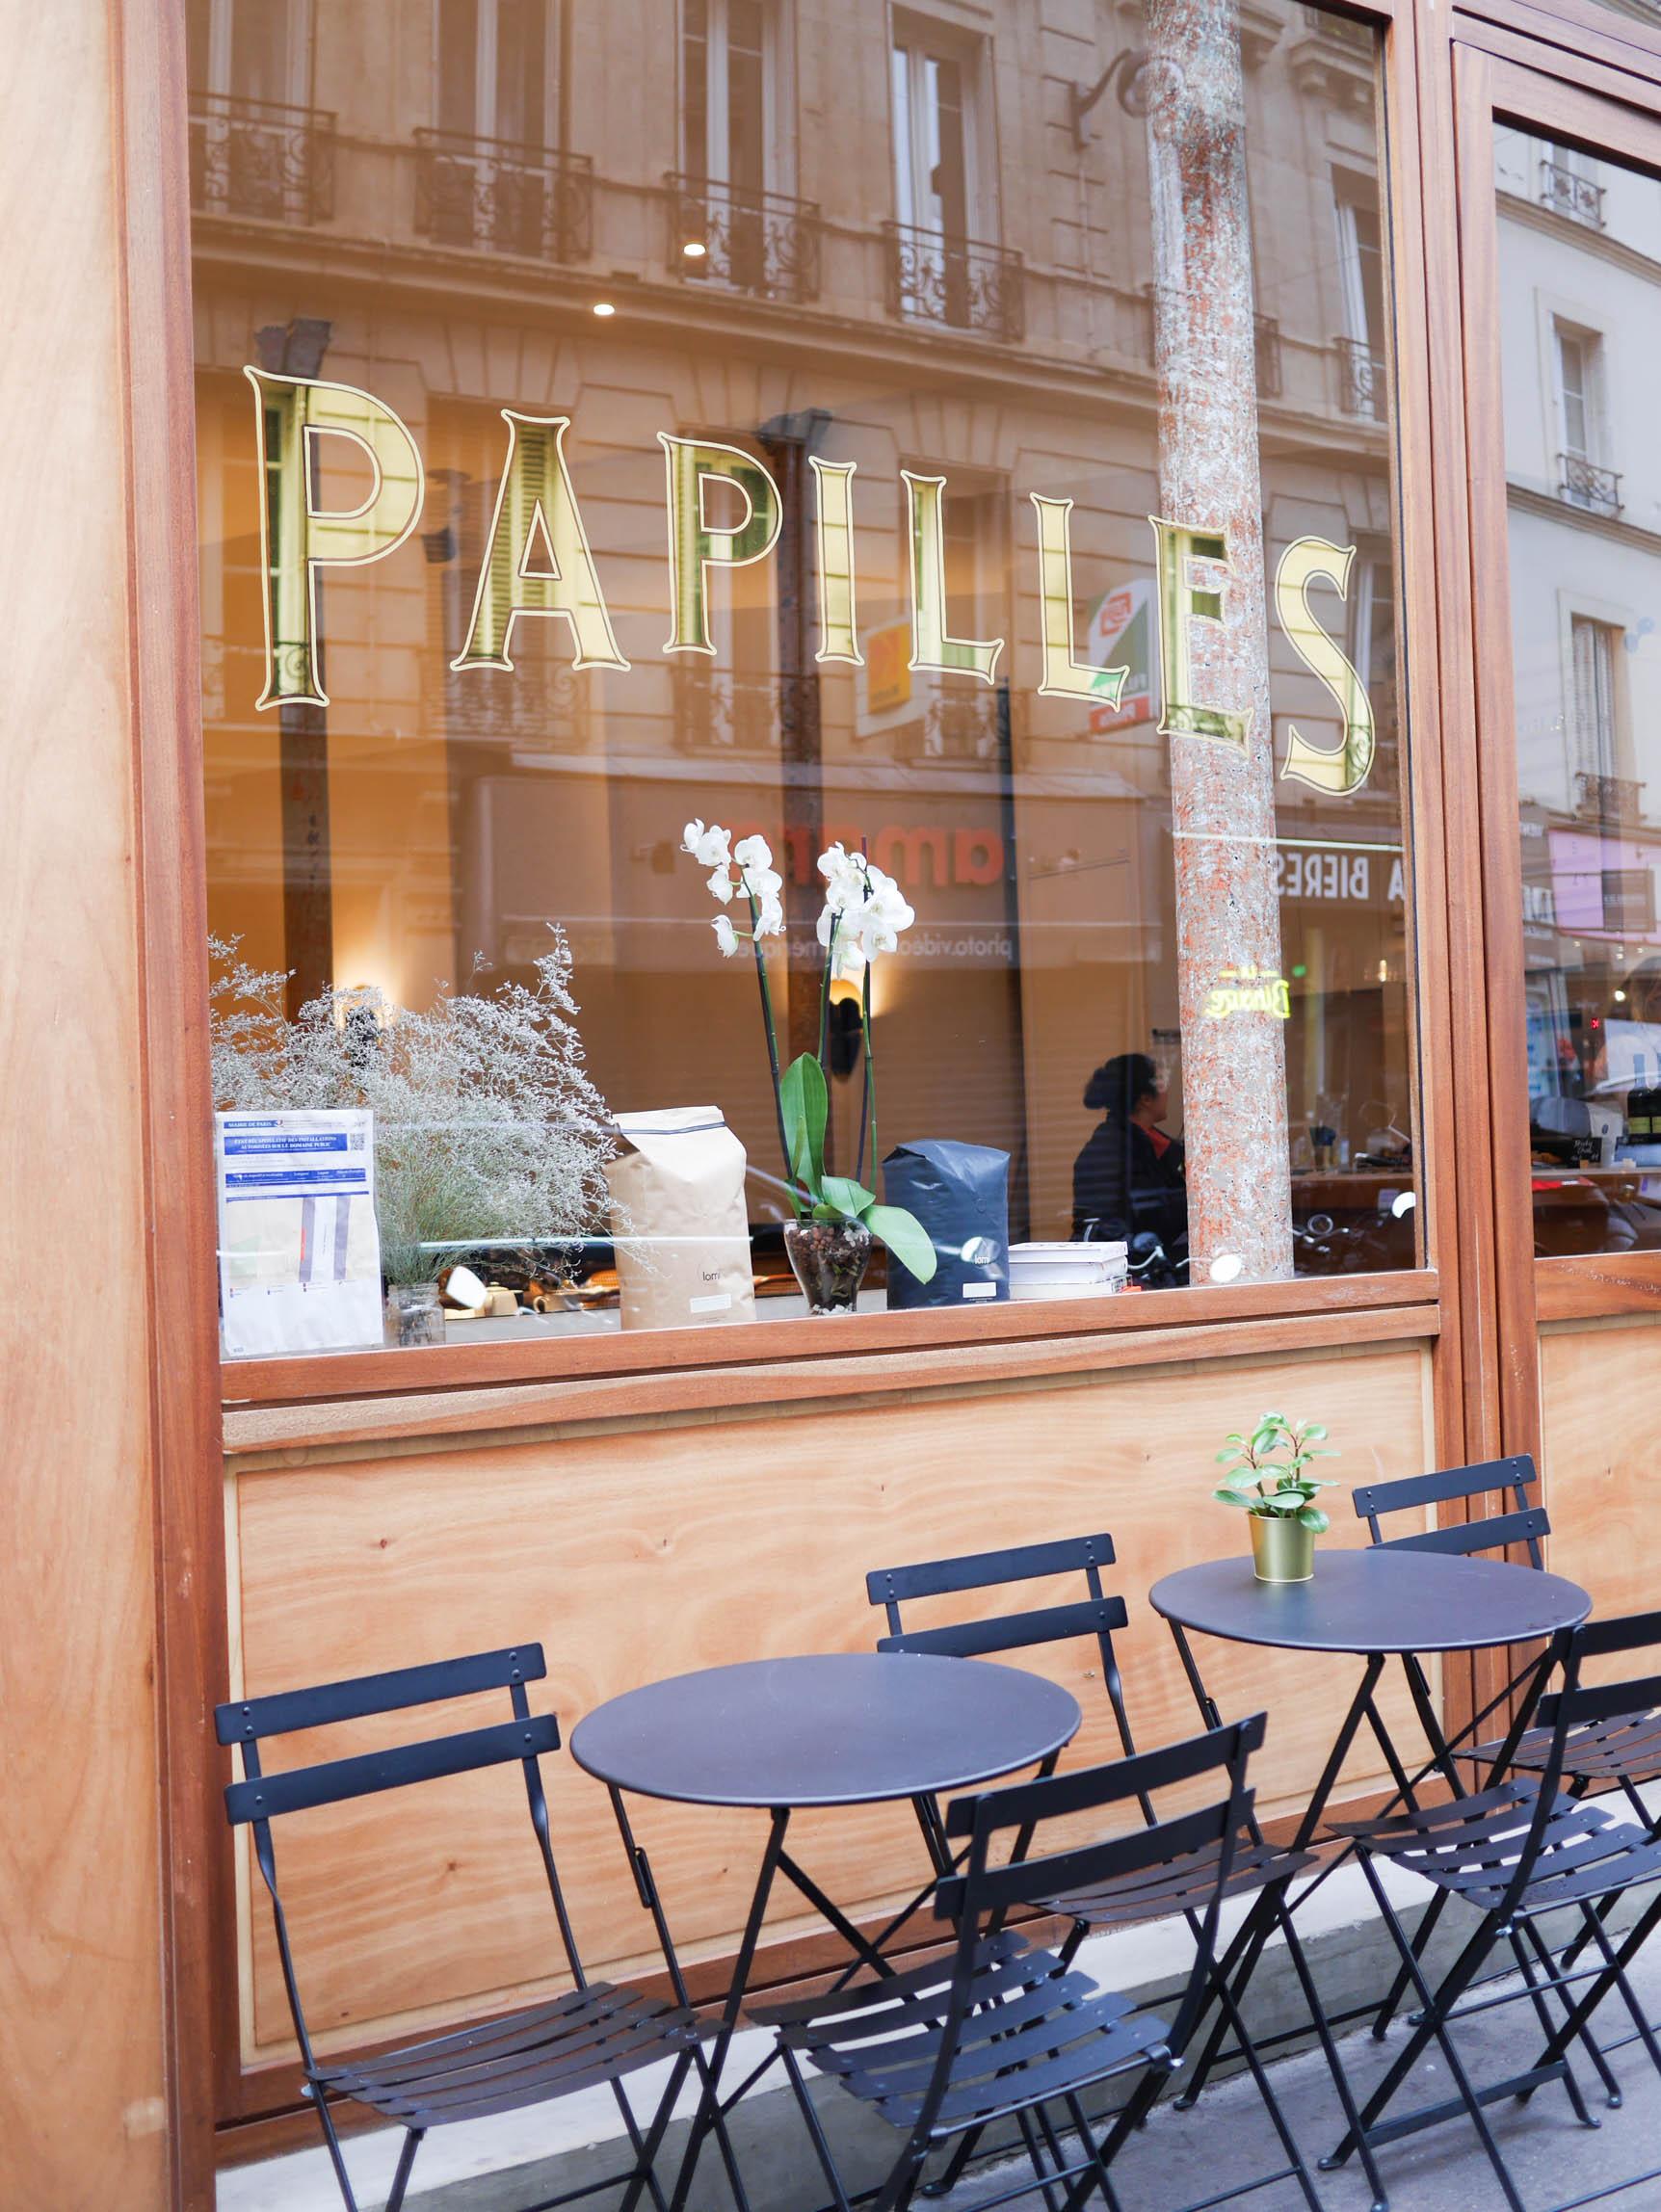 frukosttips-paris-papilles-9arr-4